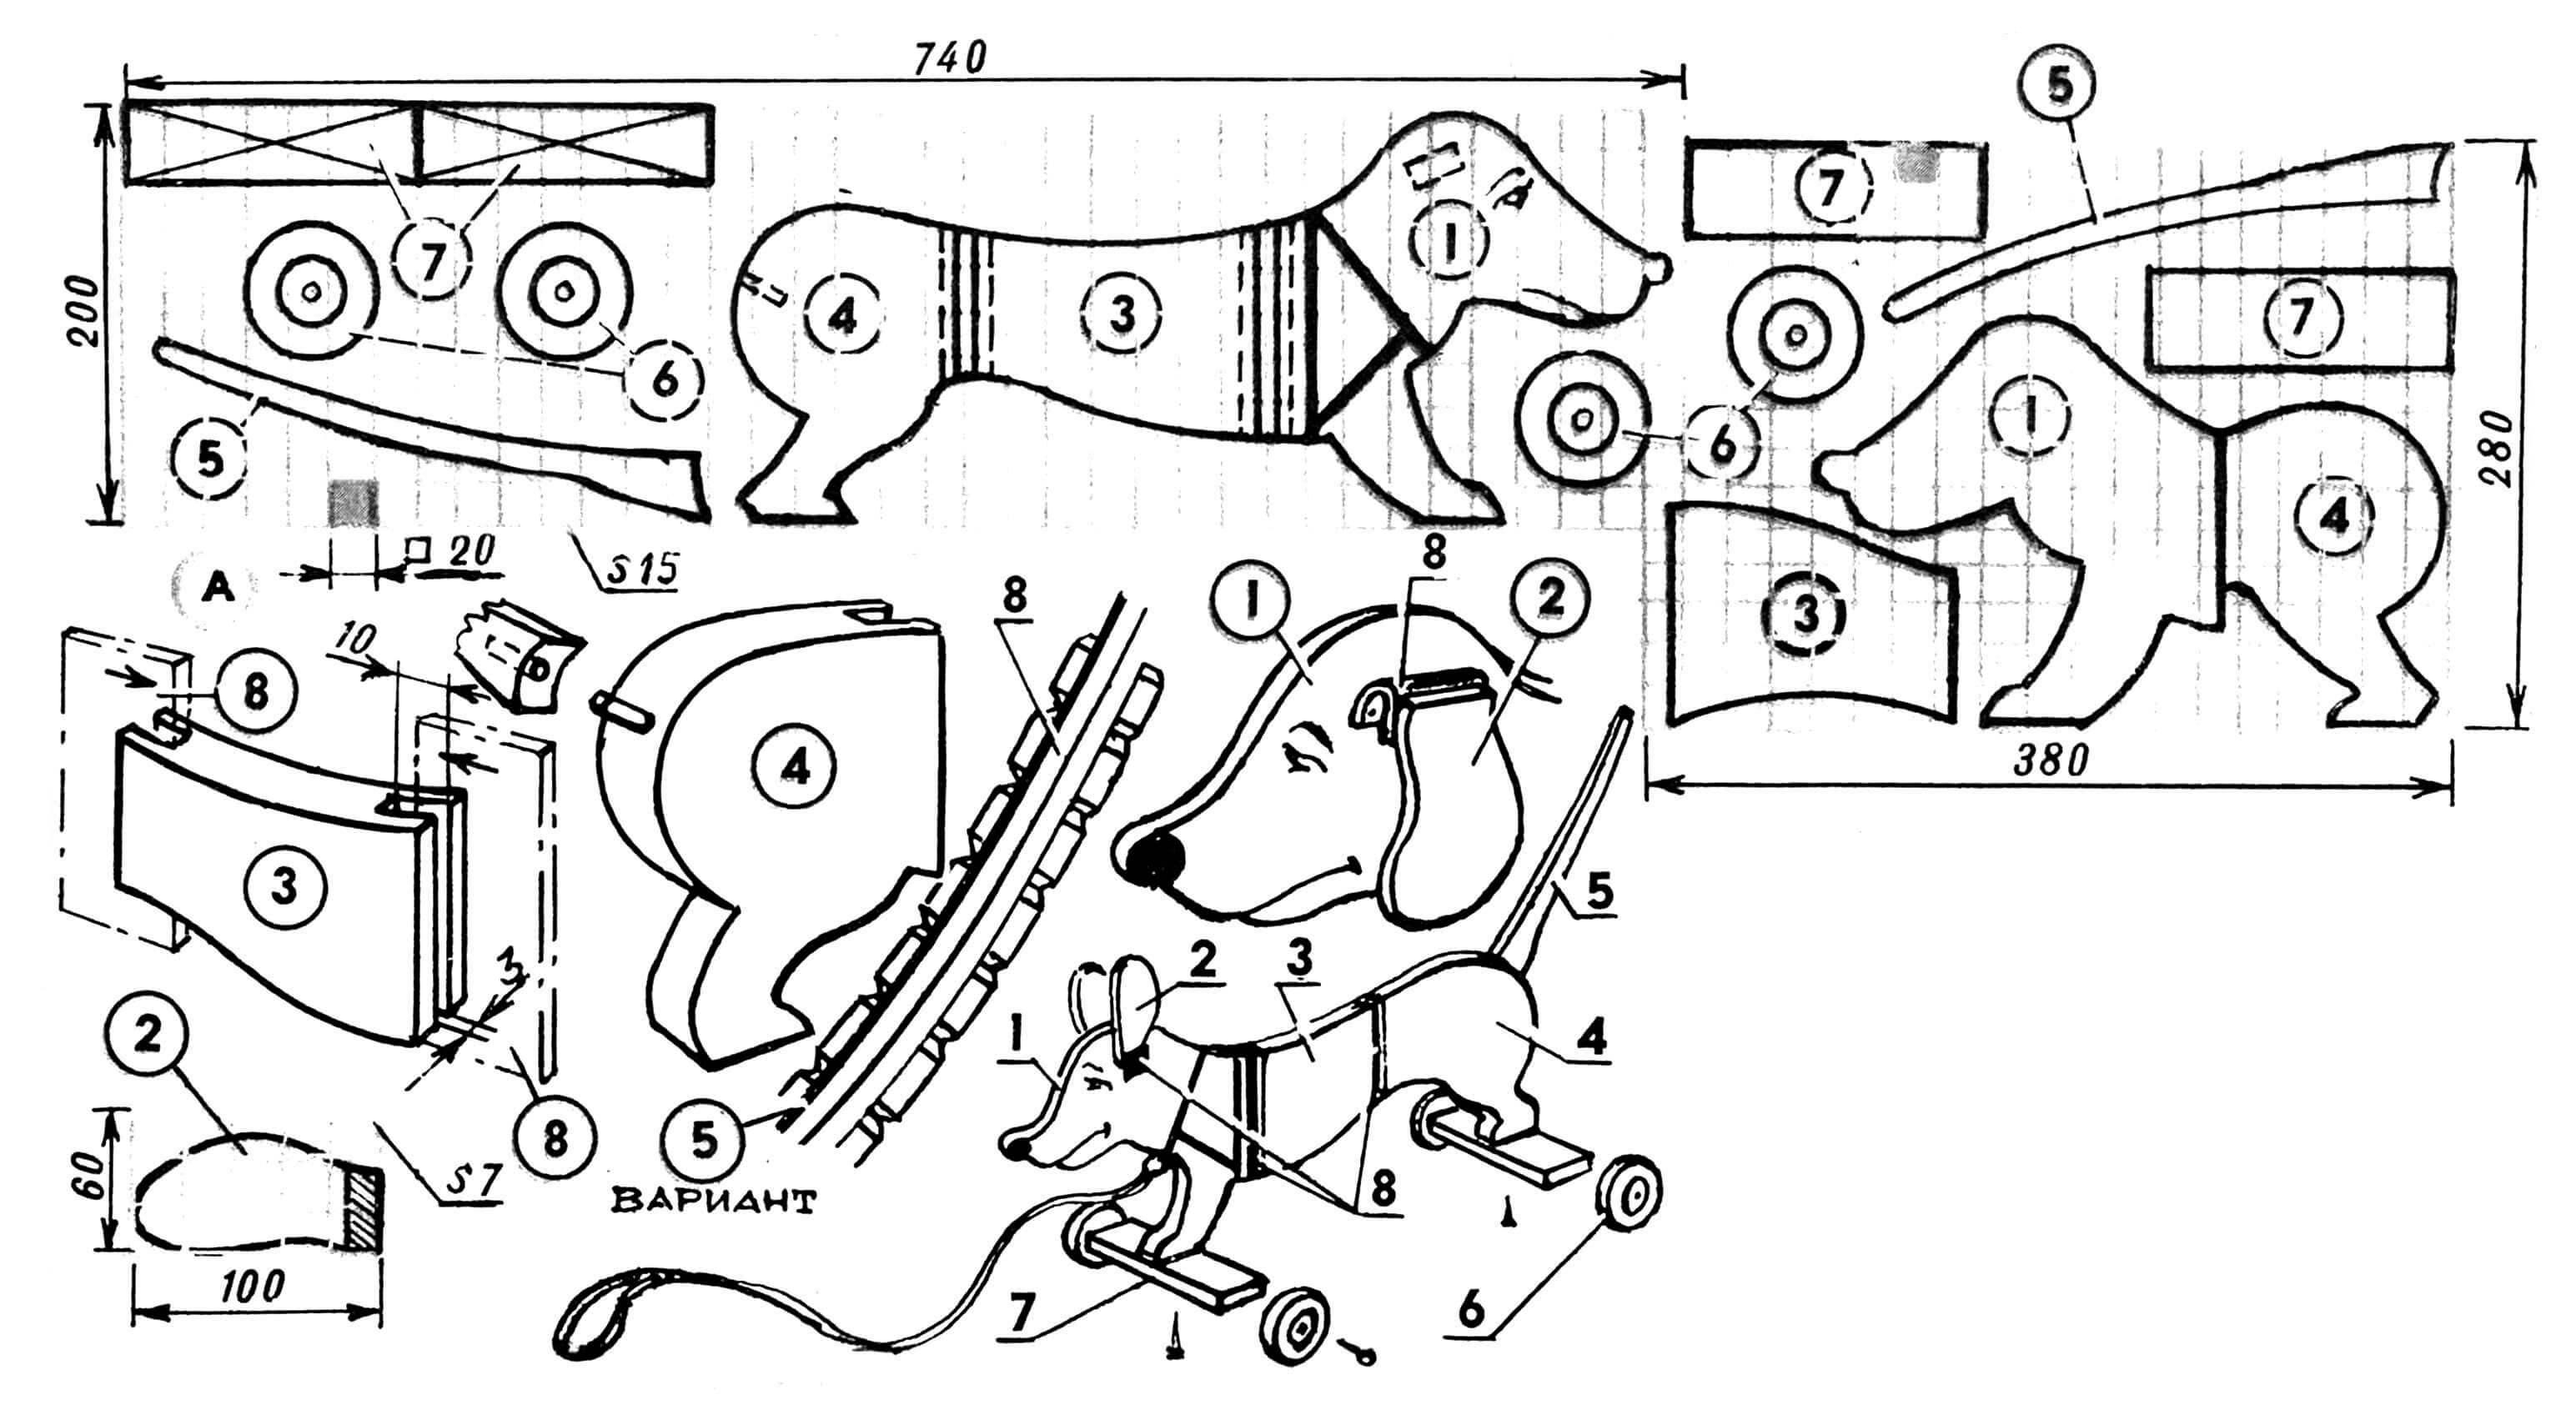 Эластичная контурная игрушка (А — раскрой деталей на доске, Б — на фанере или ДСП): 1 — передняя часть туловища, 2— уши, 3 — средняя часть туловища, 4 — задняя часть туловища, 5 — хвост, 6 — колеса, 7 — опорные планки, 8 — резина.